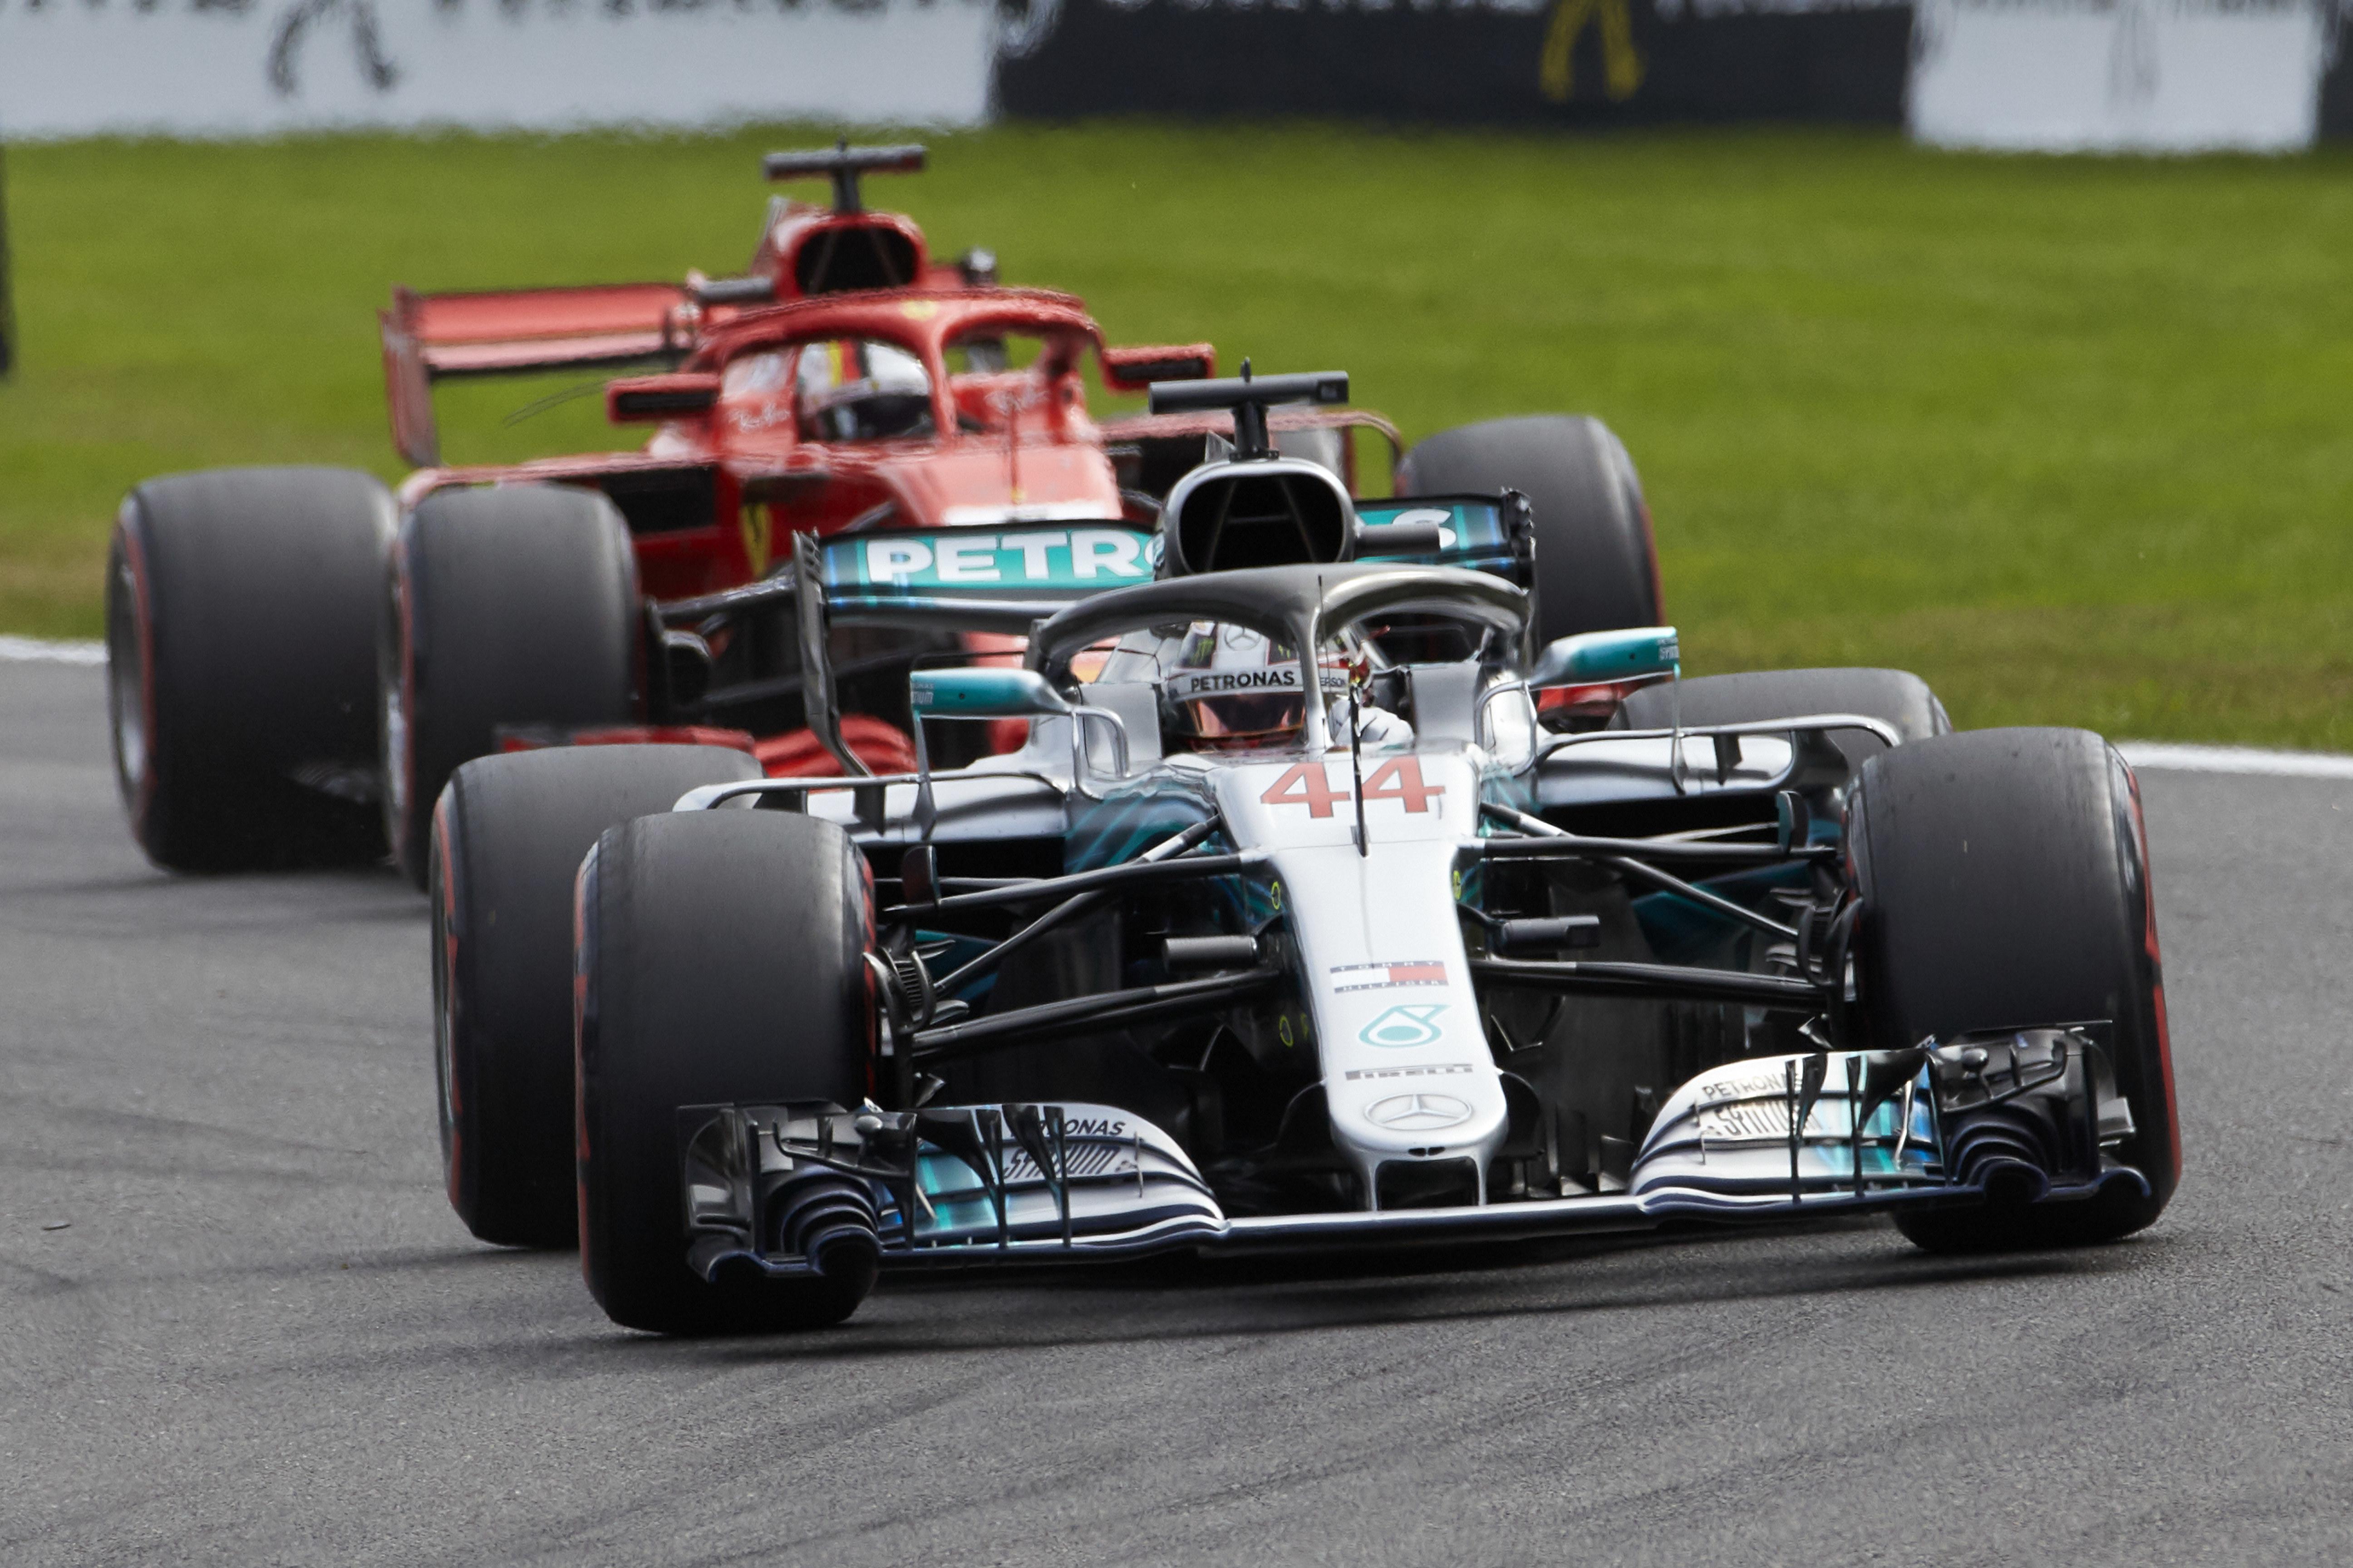 2018 Belgian GP, TITLE RACE: How Hamilton has seized the advantage over Vettel